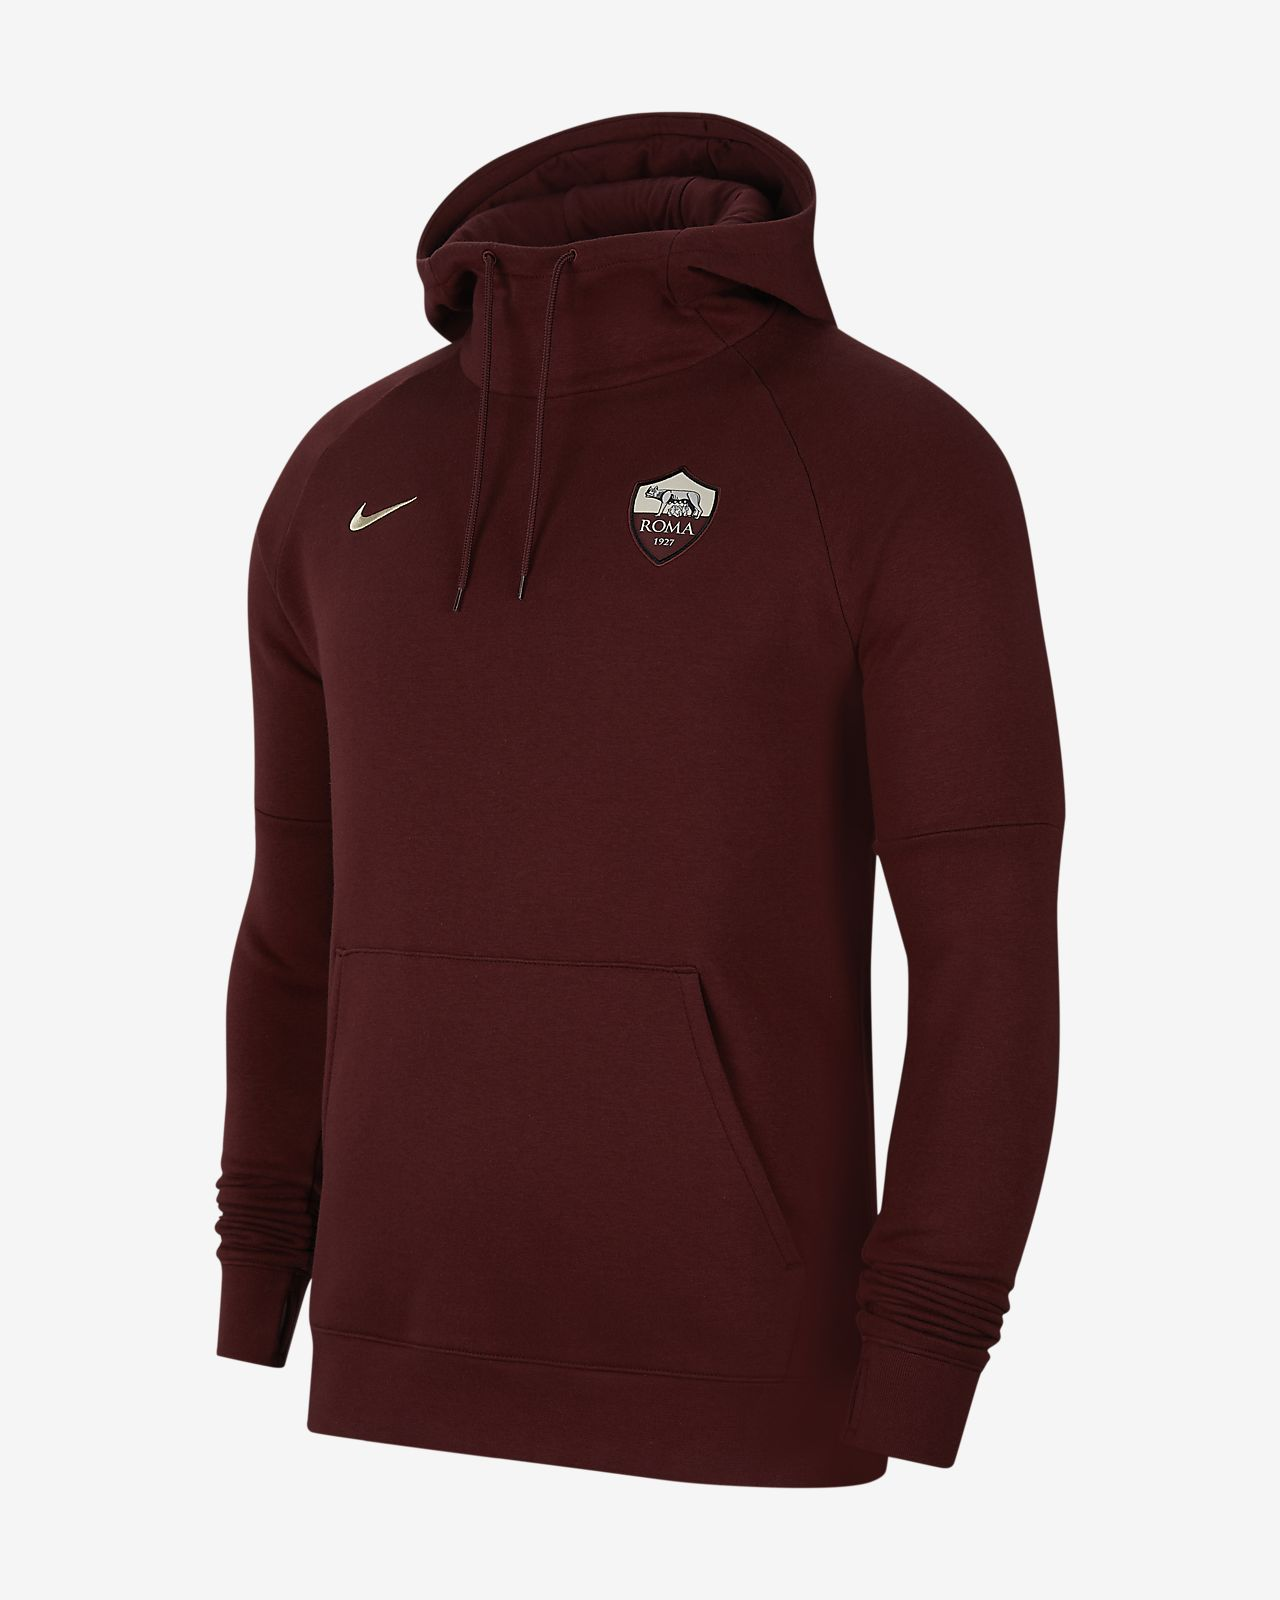 8a54b861cc A.S. Roma Men's Fleece Pullover Hoodie